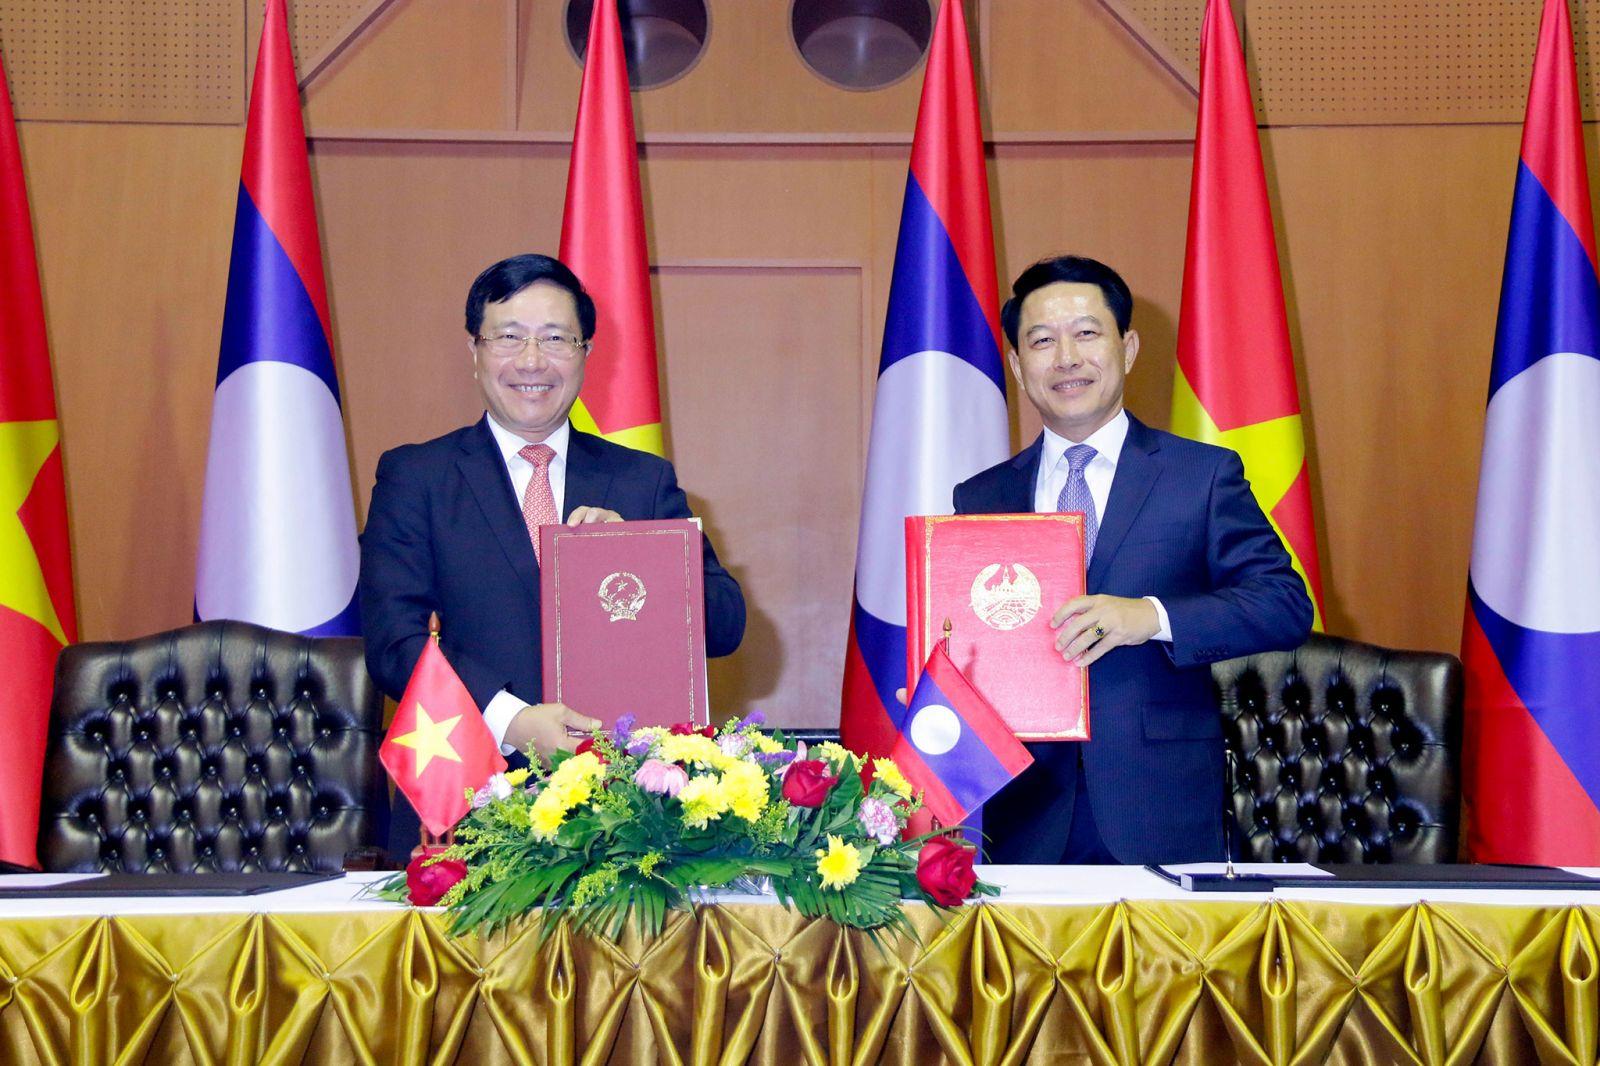 Phó thủ tướng, Bộ trưởng Ngoại giao Phạm Bình Minh và Bộ trưởng Ngoại giao Lào Saleumsay Kommasith đã ký Thỏa thuận hợp tác giữa Bộ Ngoại giao Việt Nam và Bộ Ngoại giao Lào.